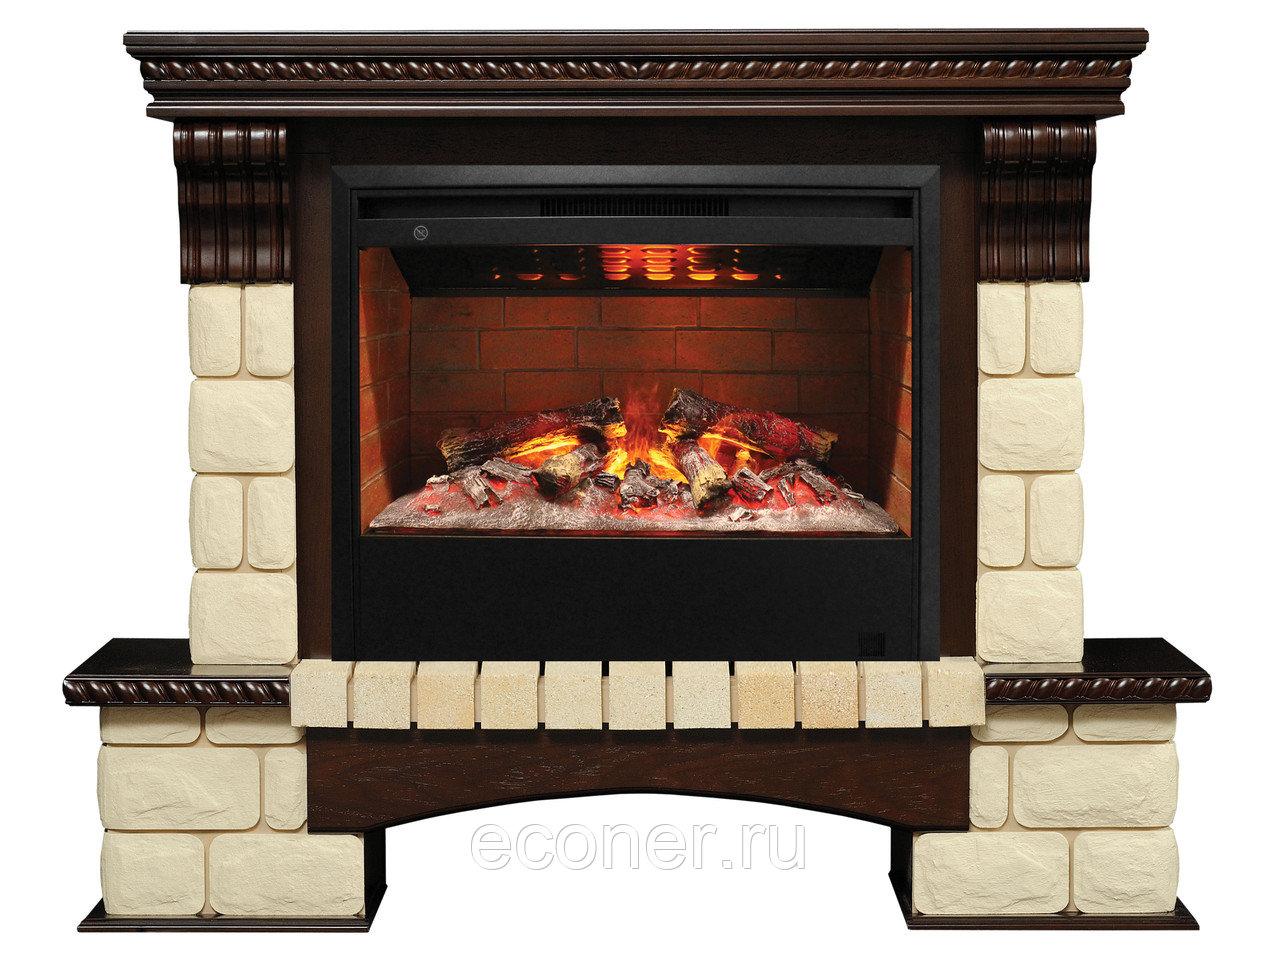 Электрические камины с эффектом живого пламени в интерьере